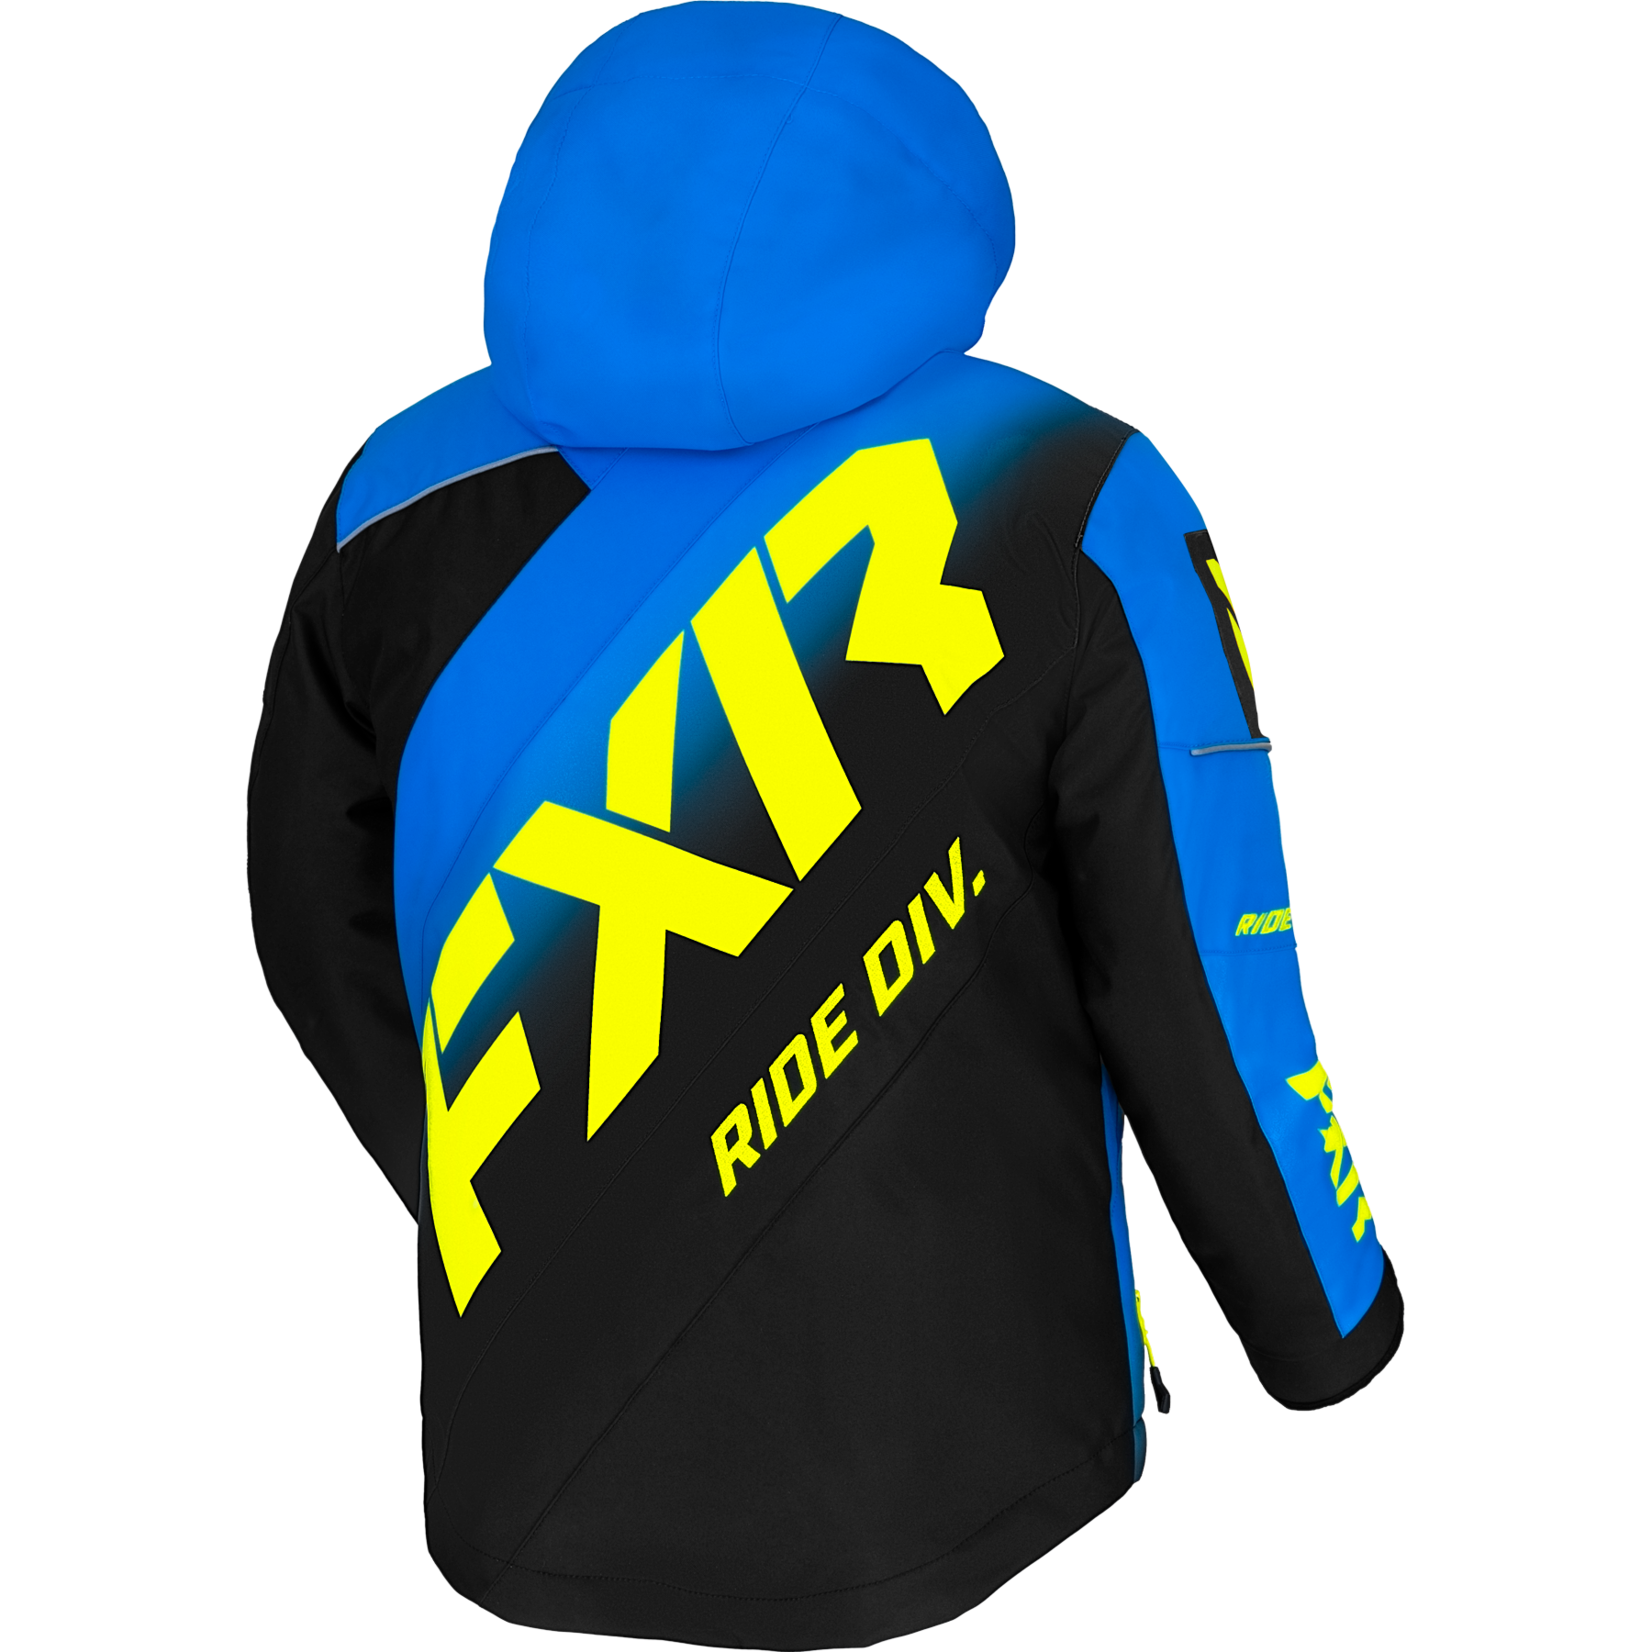 FXR FXR Youth CX Jacket - Blue Fade/Black/Hi-Vis